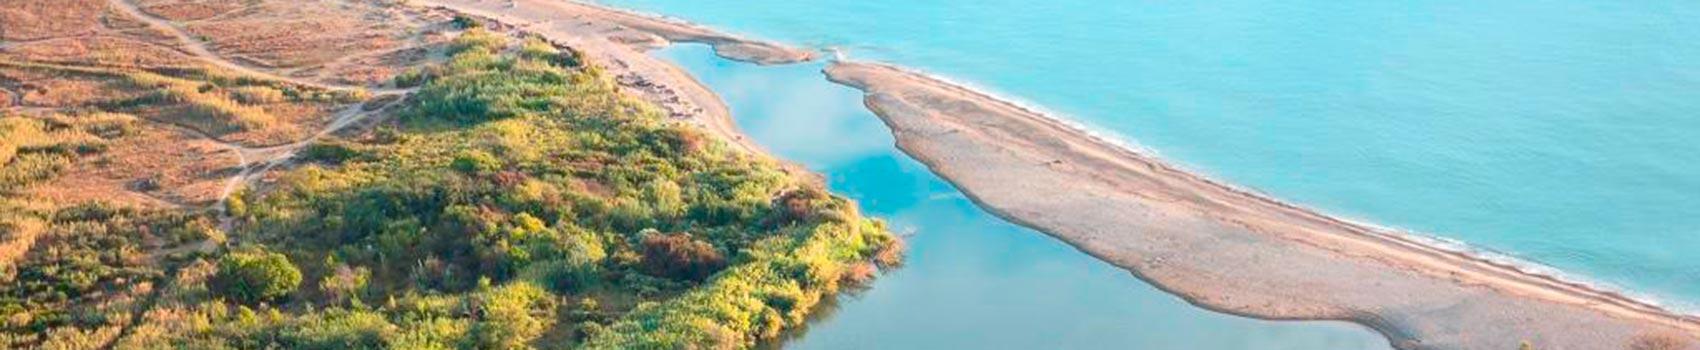 reserve naturelle mas larrieu